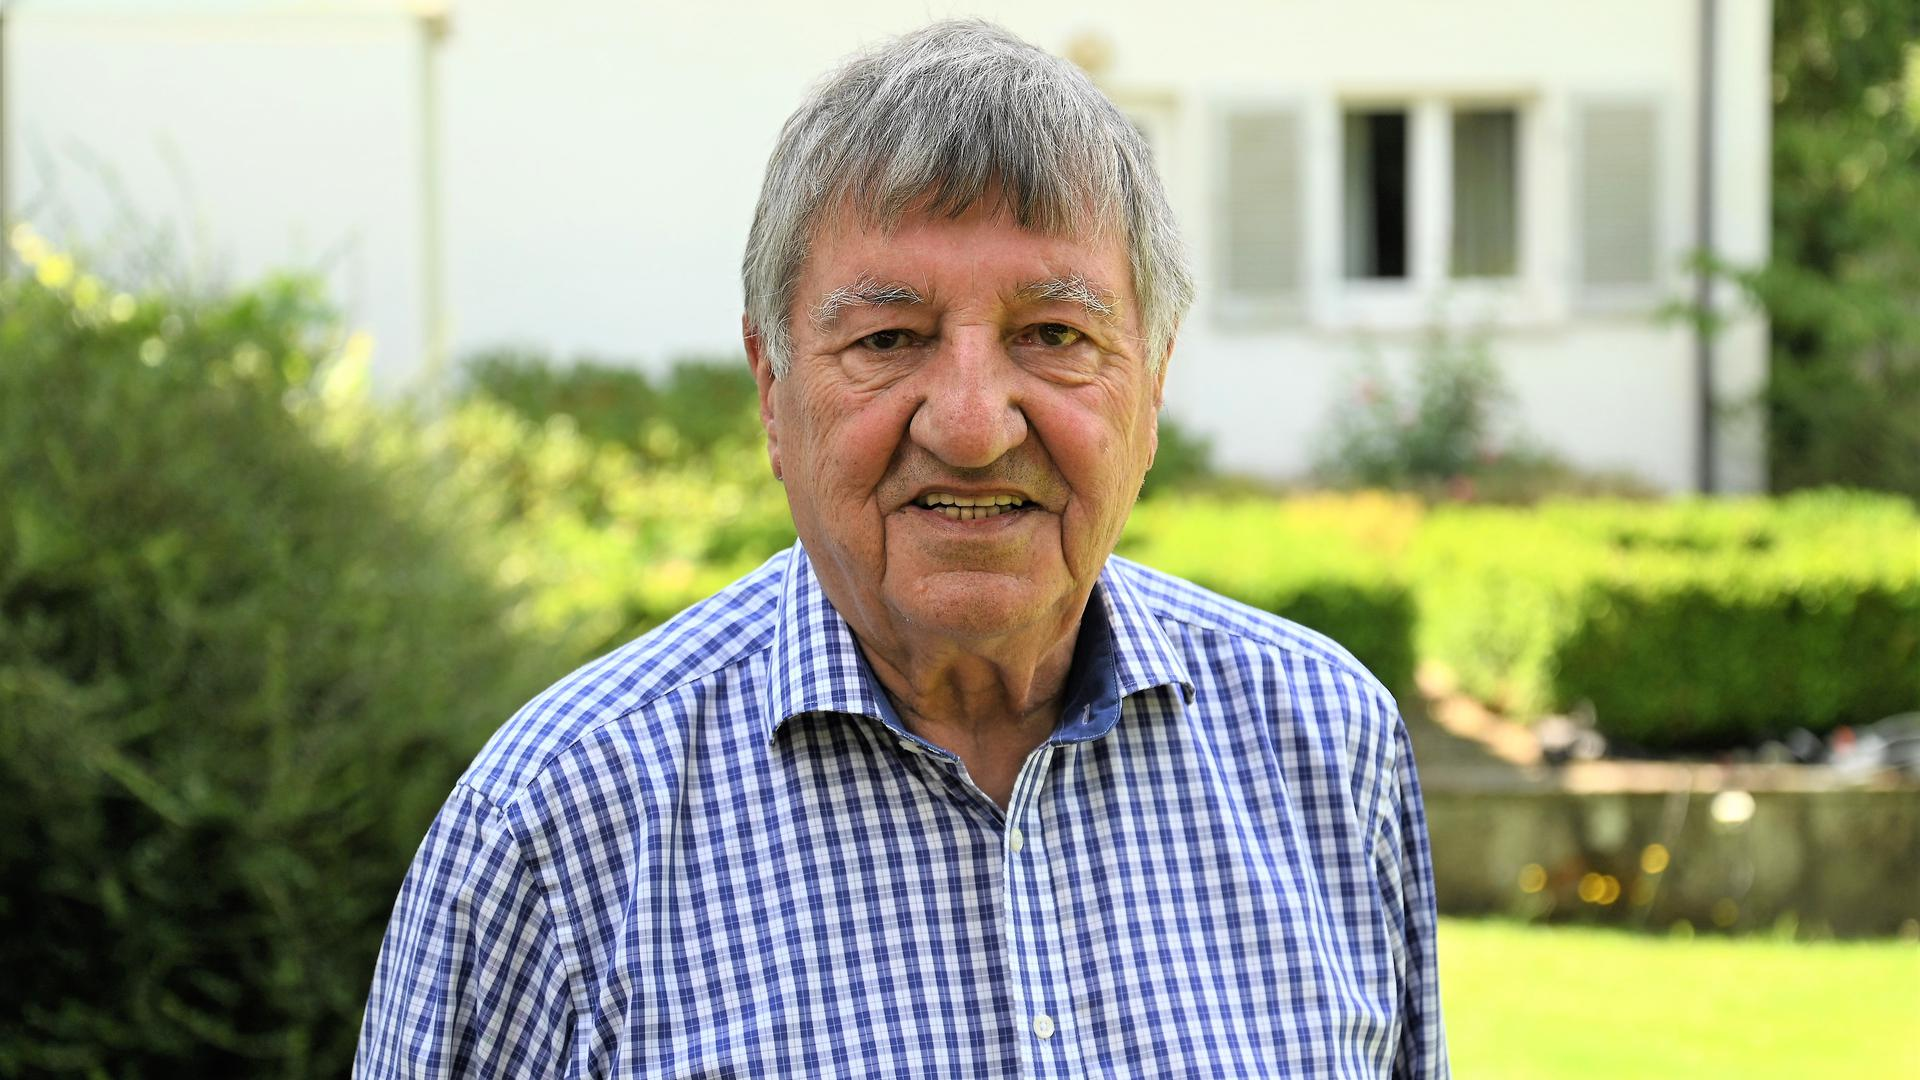 Heinz Knapp aus Baden-Baden wird 90 Jahre alt.